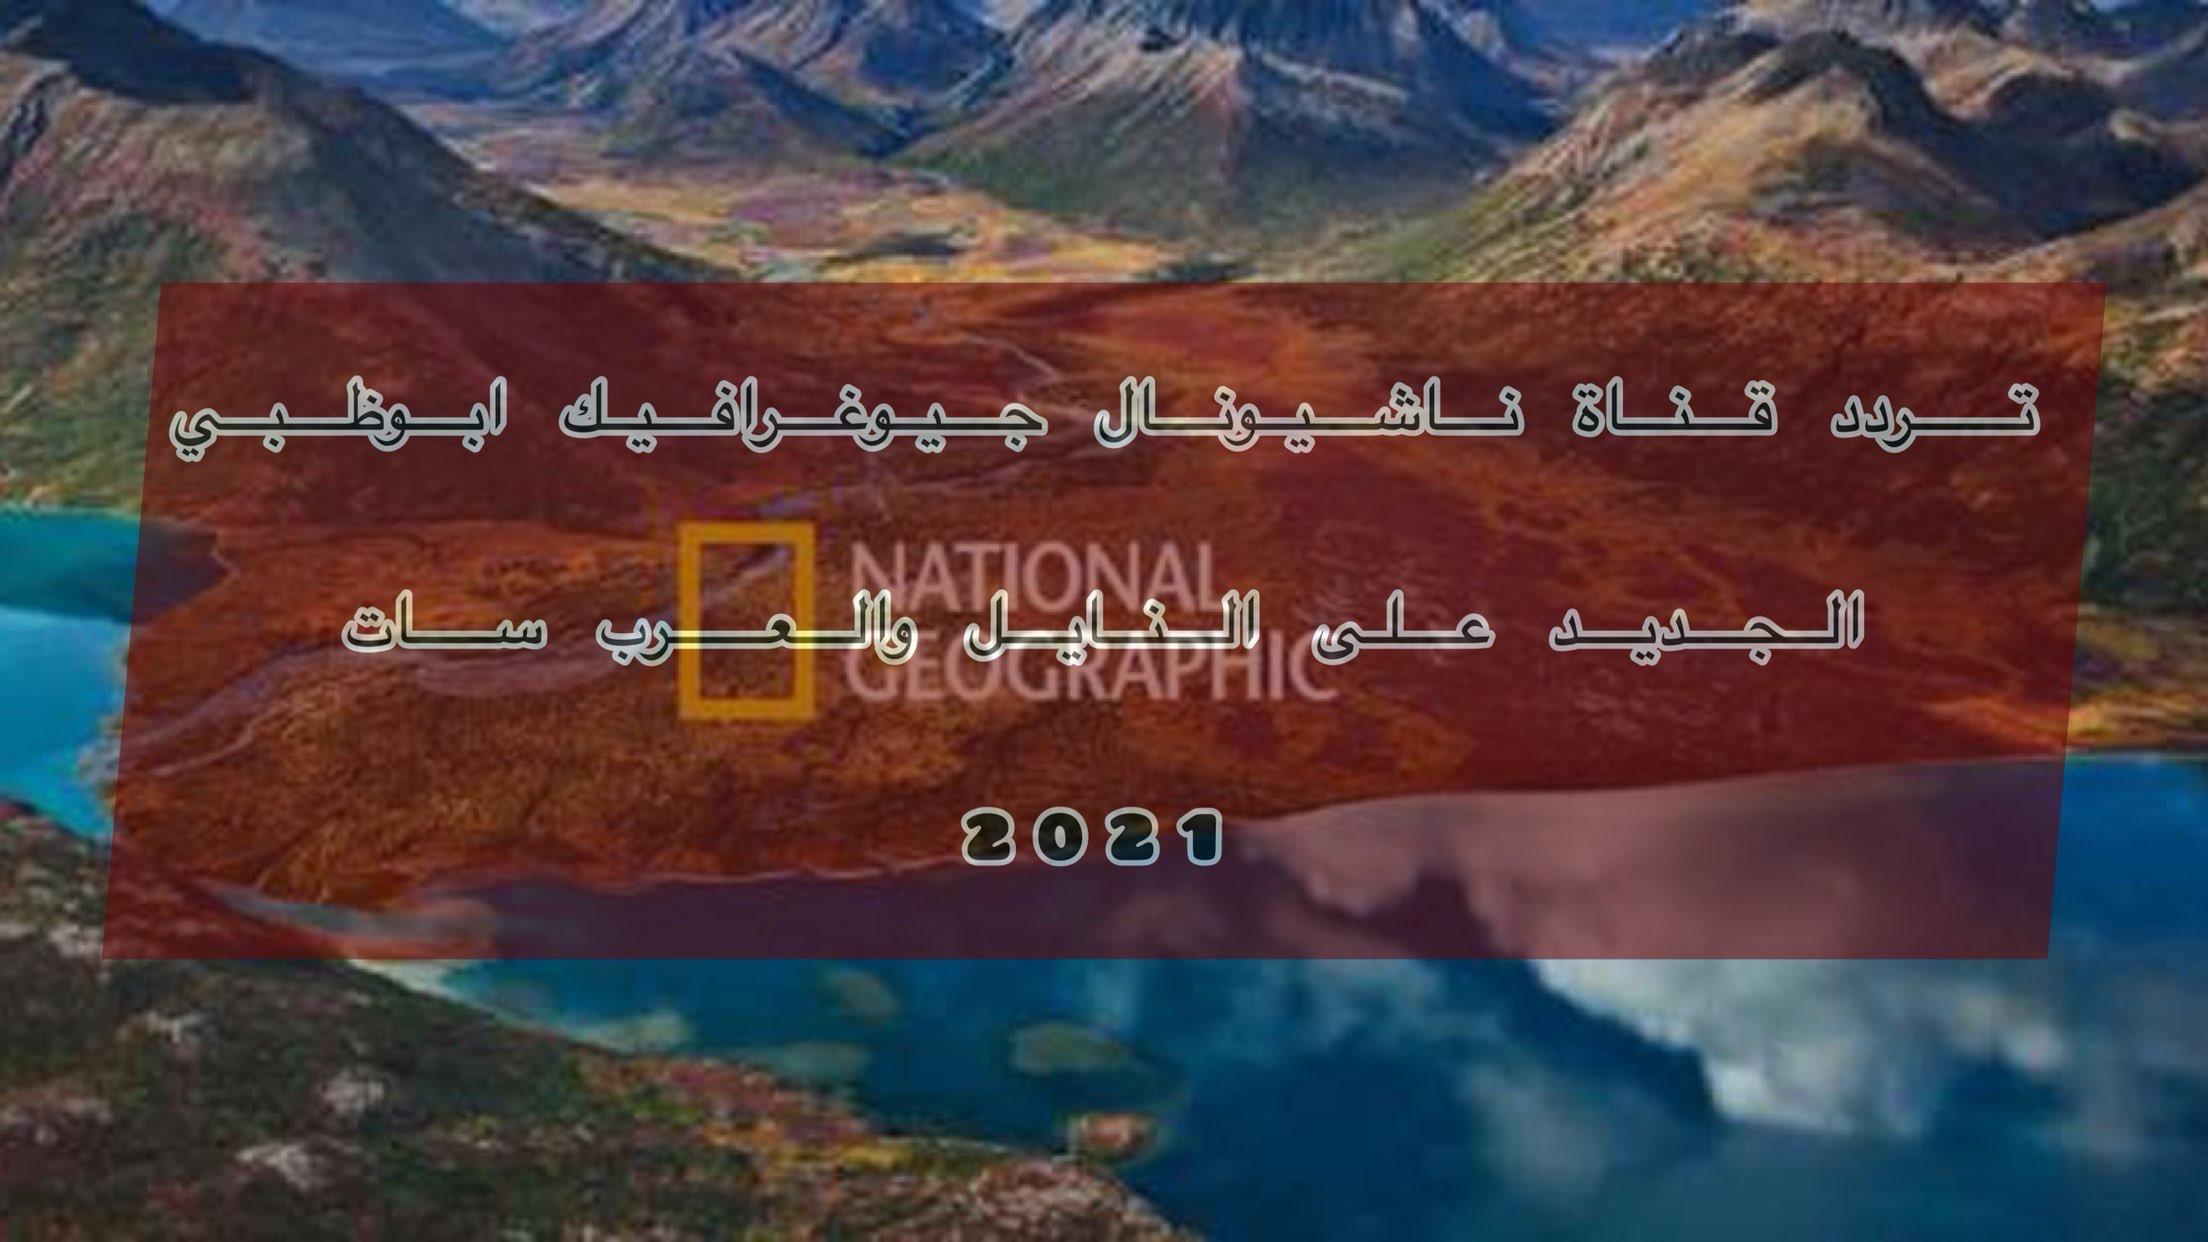 على النايل والعرب سات اضبط تردد قناة ناشيونال جيوغرافيك الجديد 2021